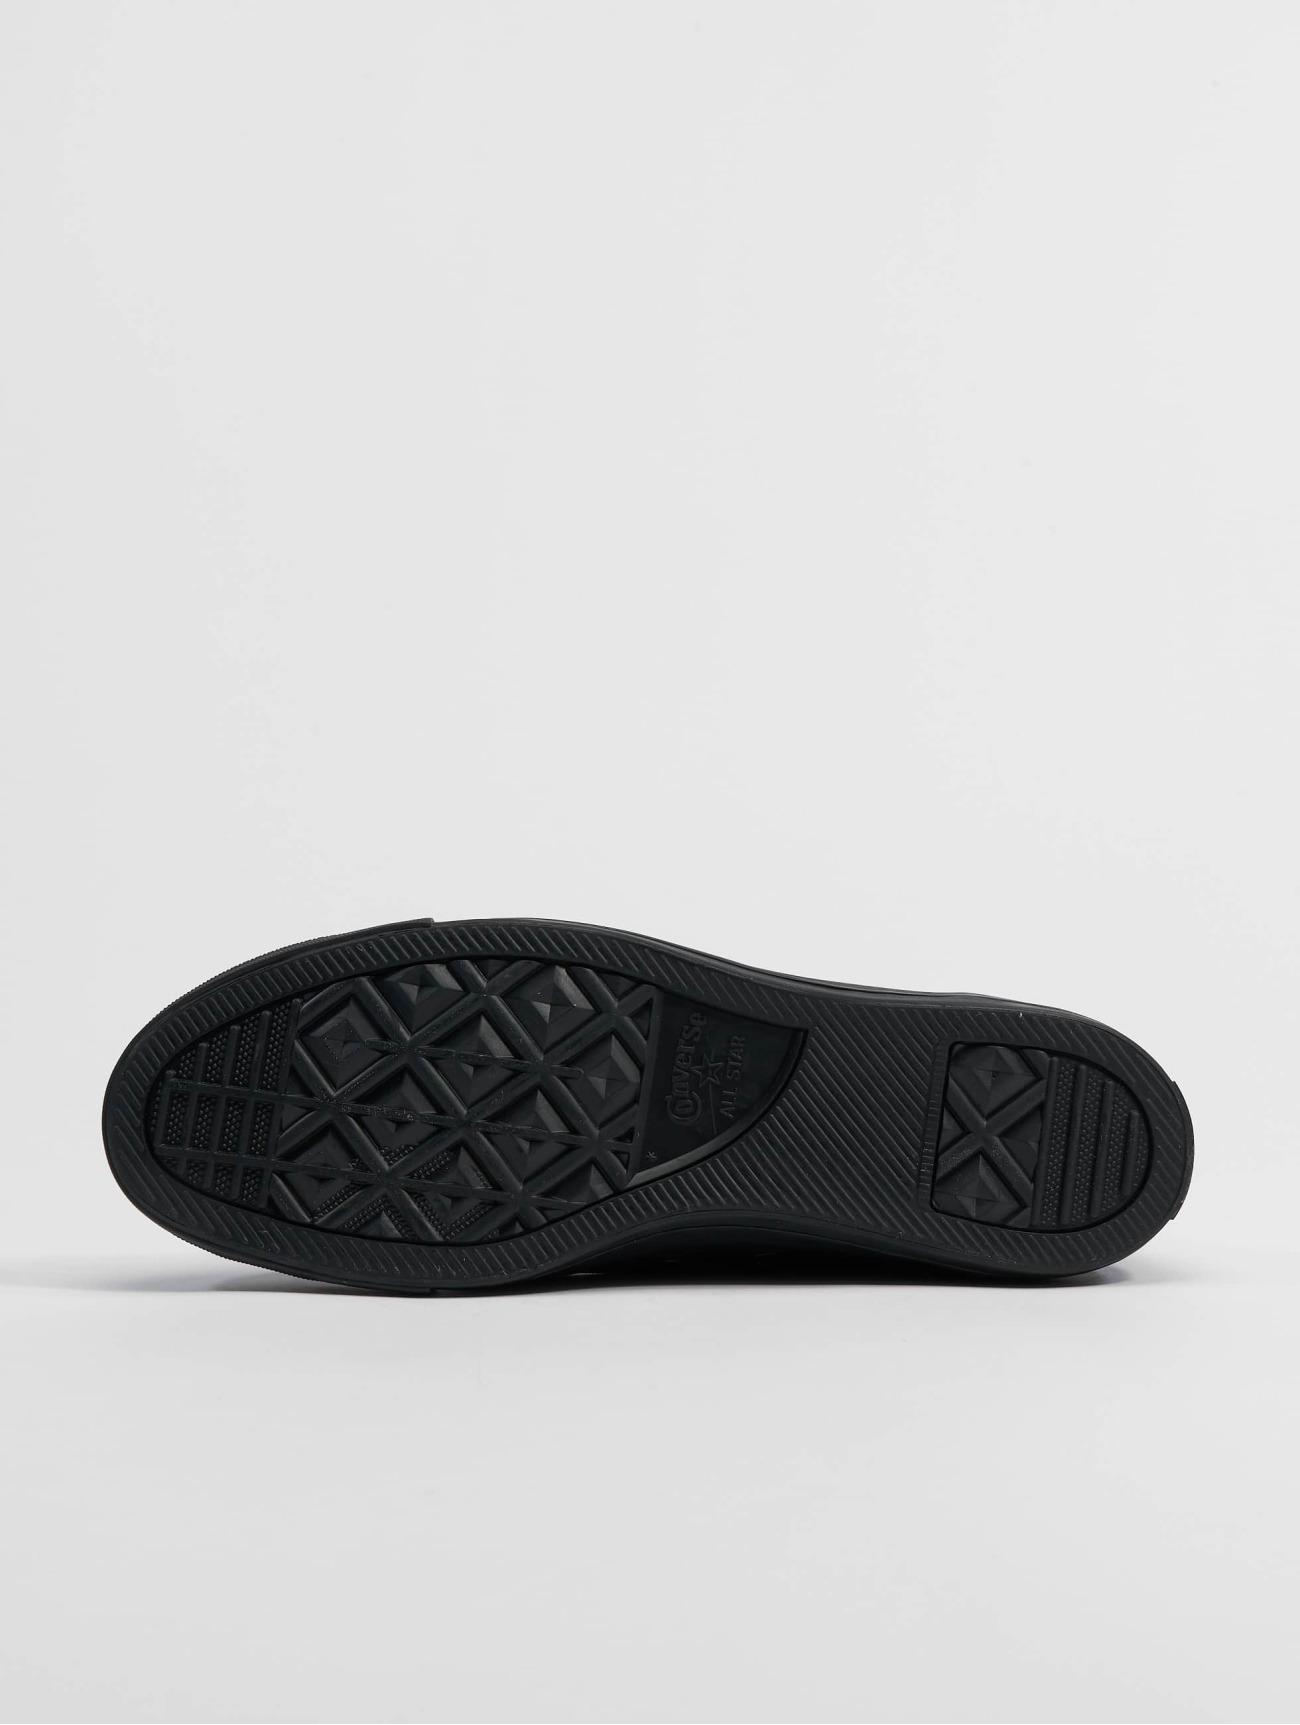 Converse Chuck Taylor All Star High noir Baskets 156901 Homme Chaussures